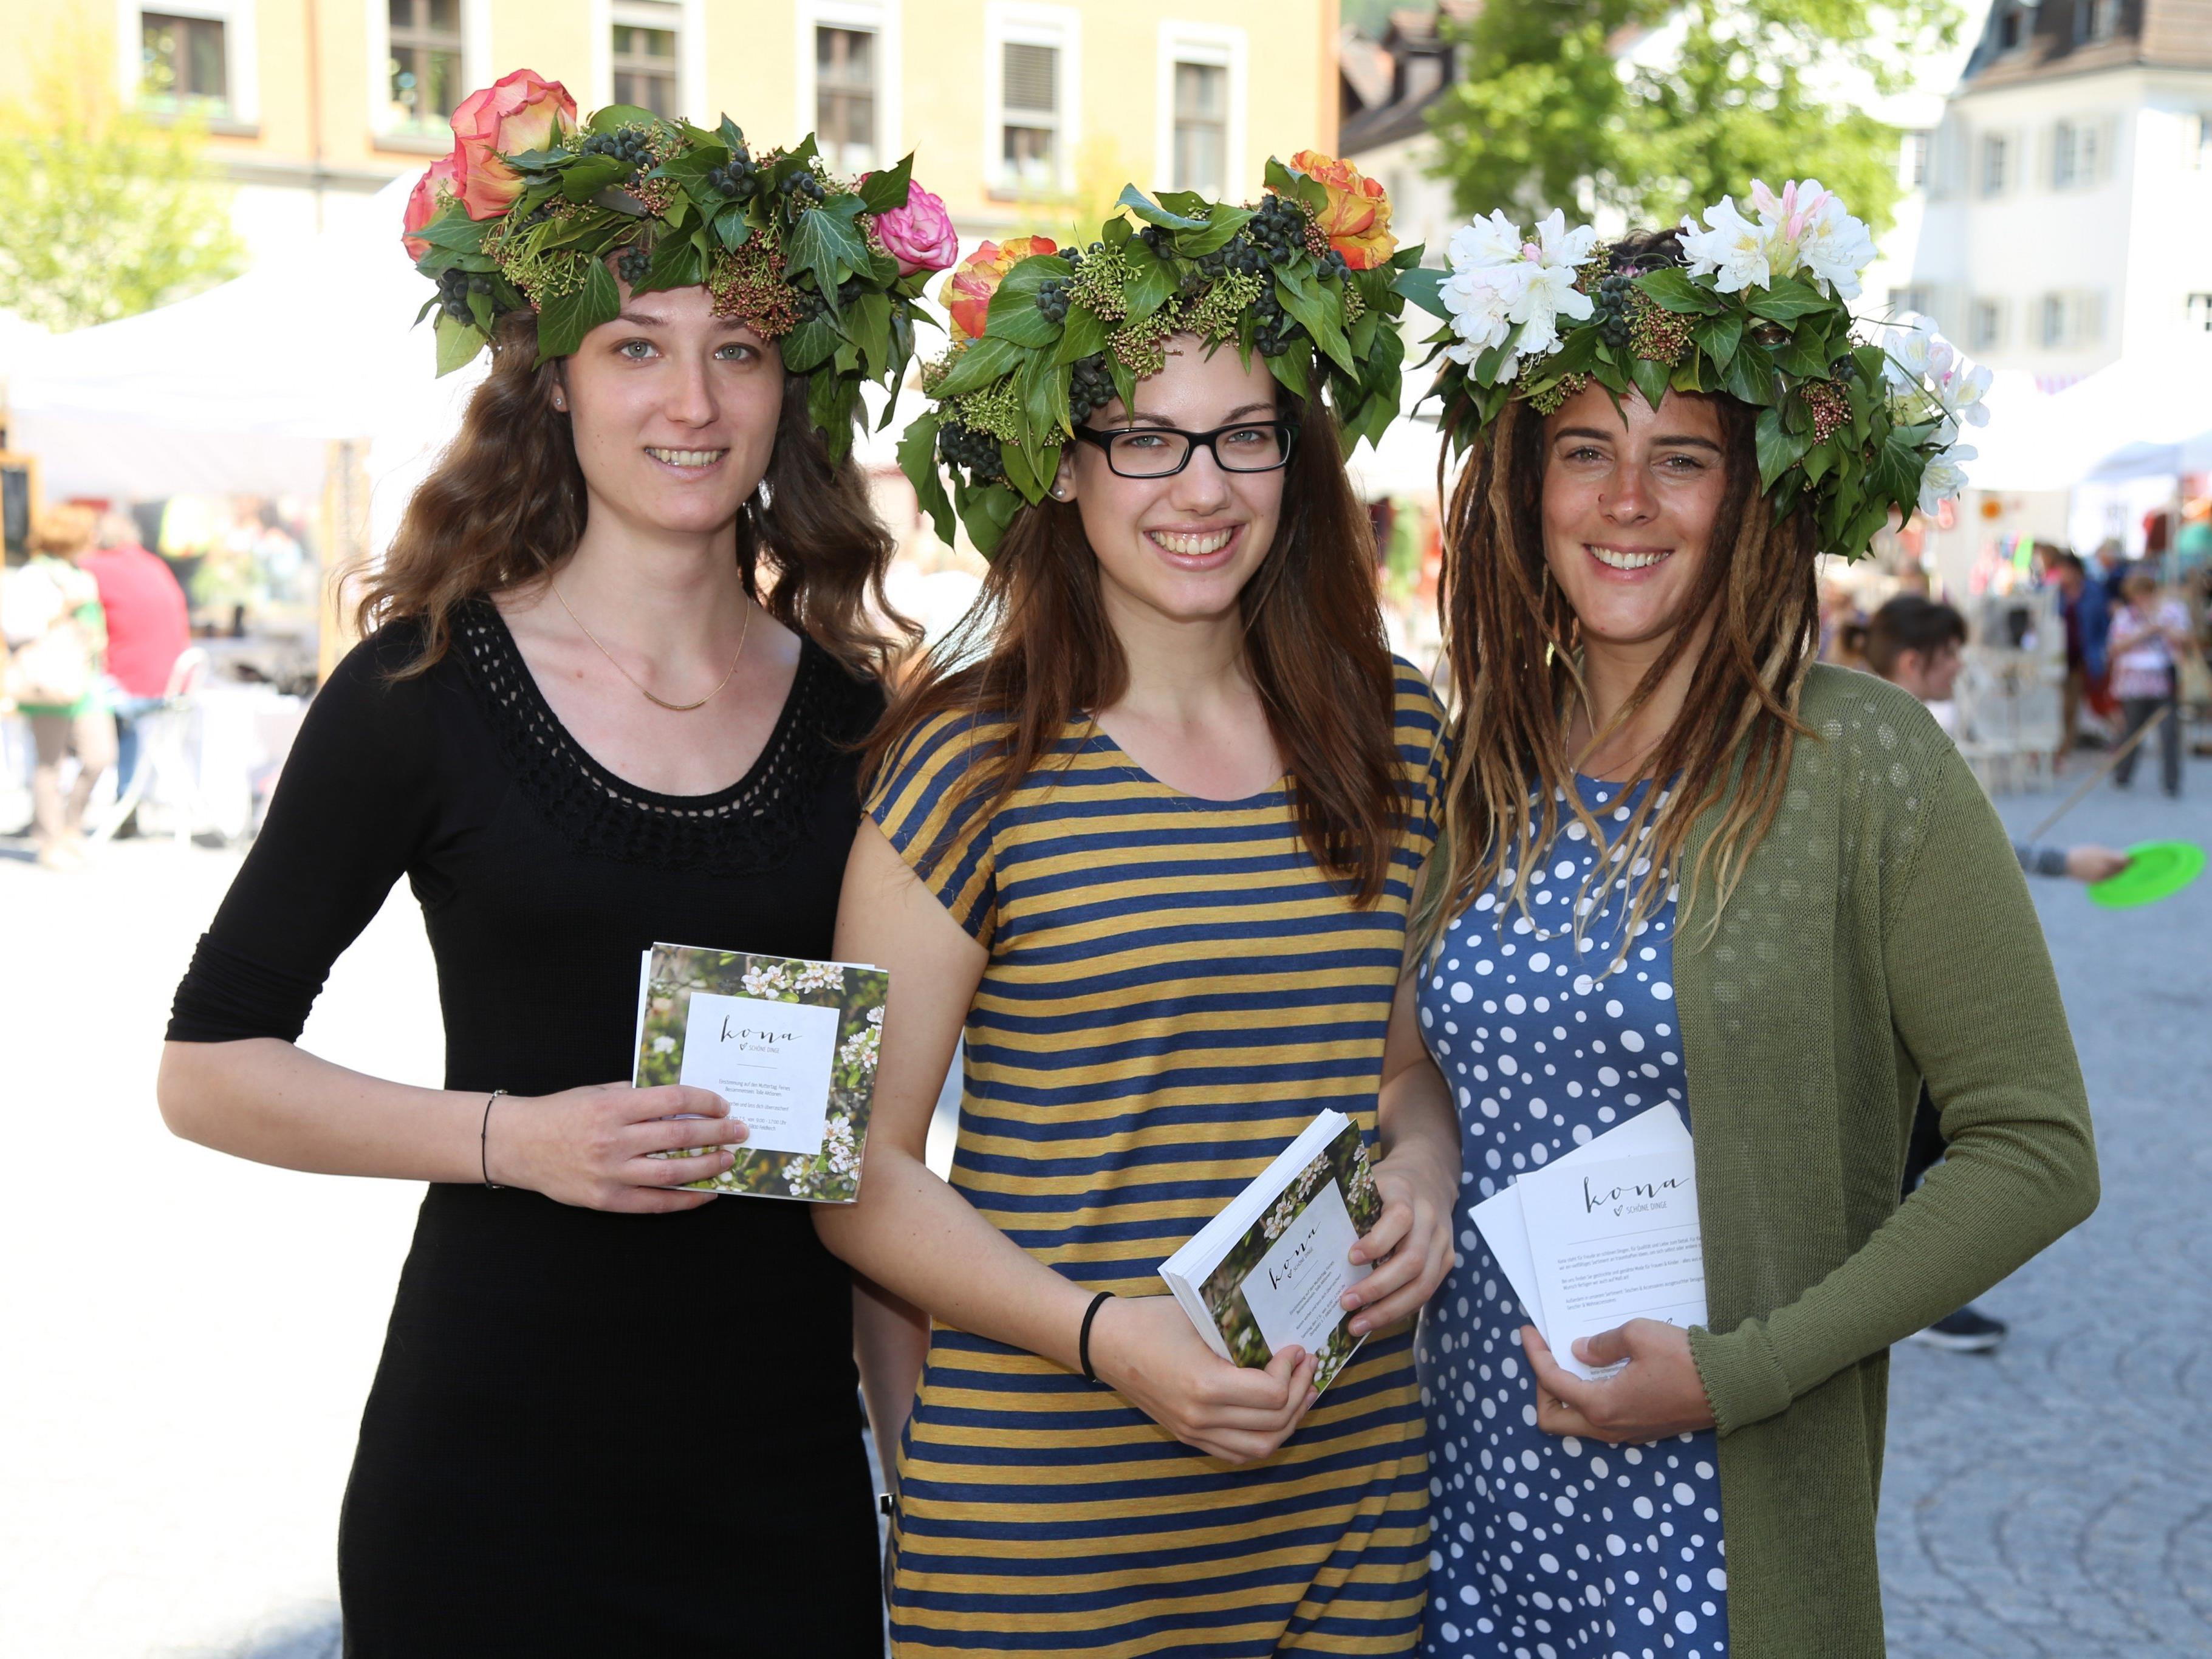 """Miriam, Julia und Annette waren Teil des Kunsthandwerksmarkt """"Weibliche Welt"""" in Feldkirch."""